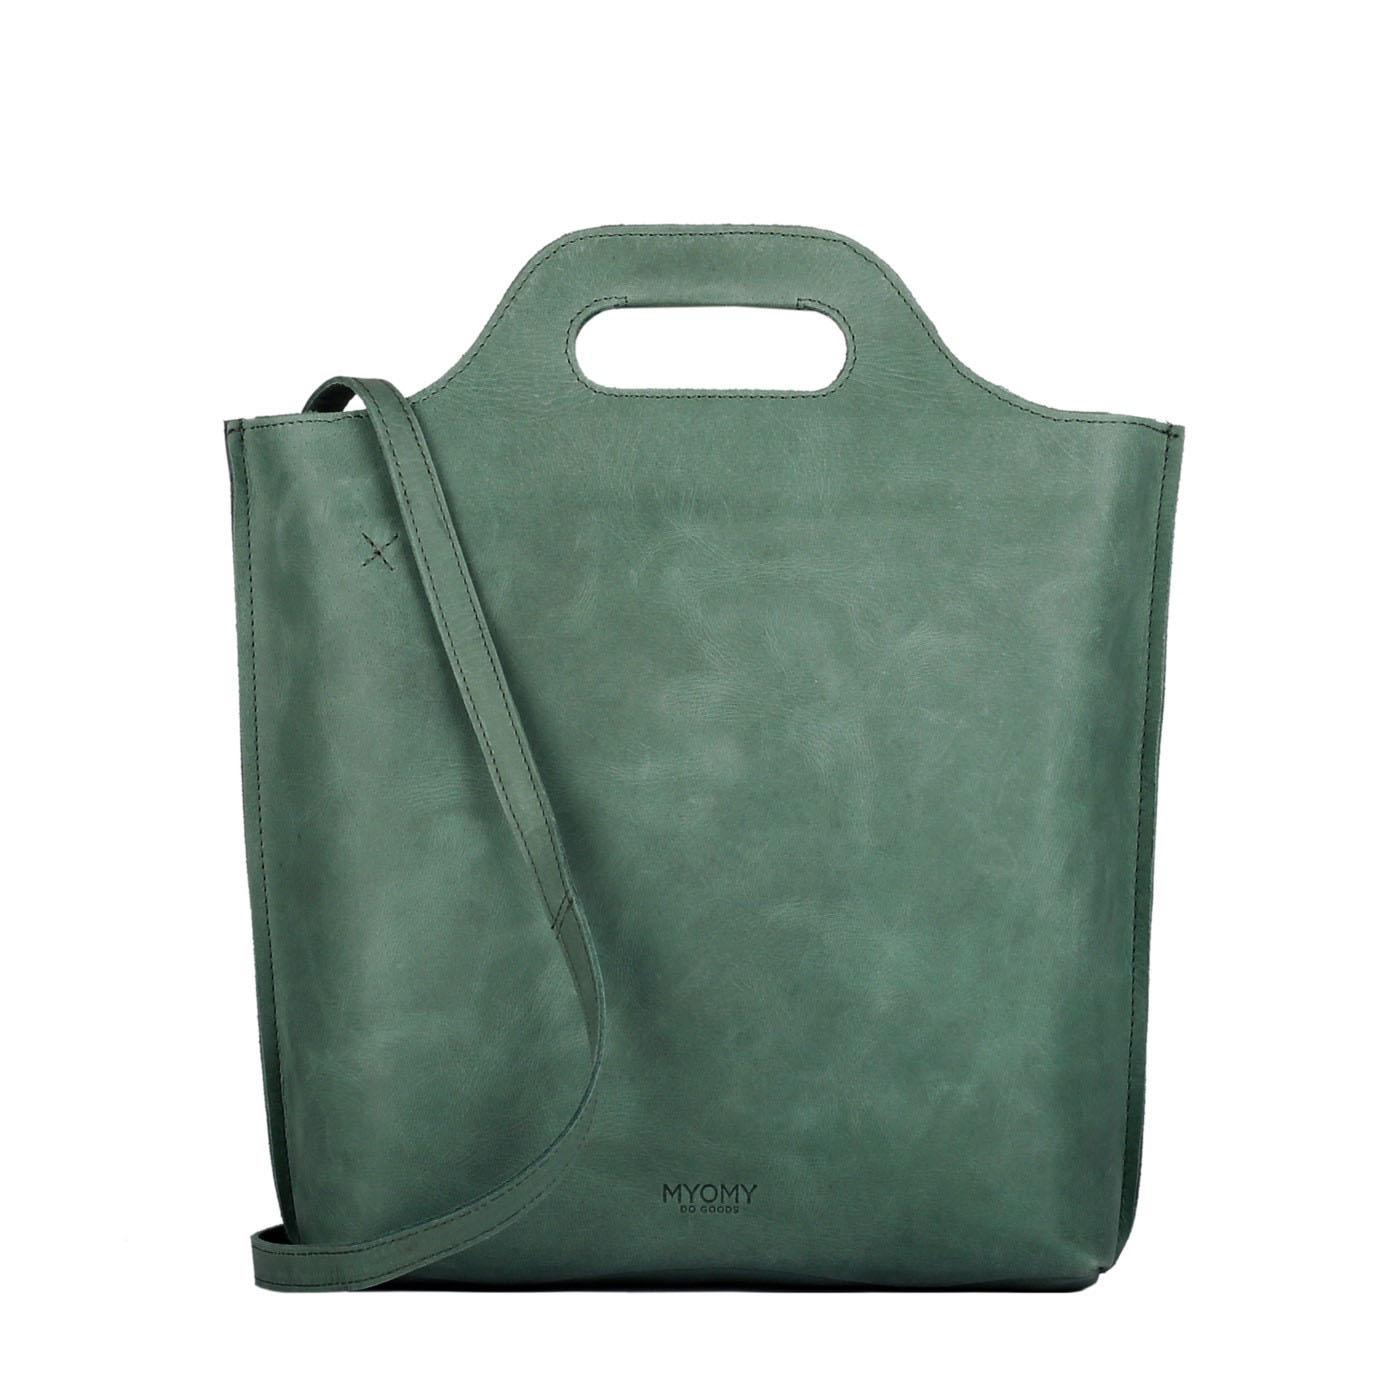 MY CARRY BAG shopper medium- hunter forest green